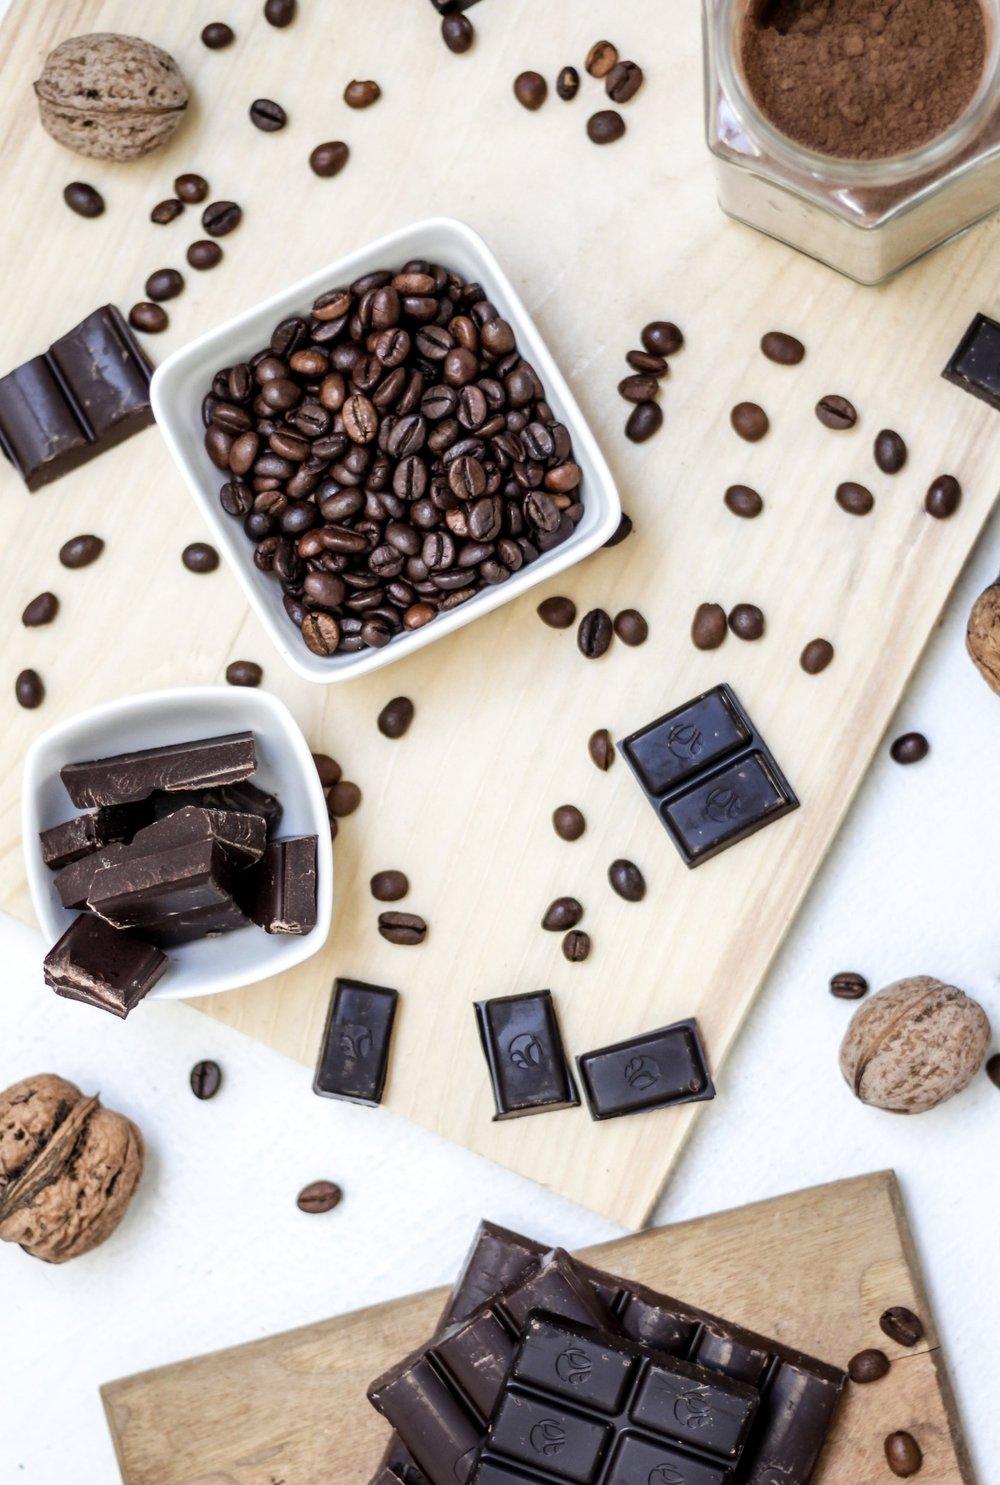 Desayuno - La comida más importante del día merece especial atención, por eso hemos creado opciones para todos los paladares en junto a nuestros amigos de Kafe Botanika,un precioso café a menos de un minuto andando de nuestra casa. Puedes reservarlo en nuestra web o hacerlo cuando quieras en el mostrador de recepción.OPCIÓN 1Café, té o batido de chocolate.Tortilla, tostada o croissant.3.50 EurosOPCIÓN 2Zumo + café,té o batido de chocolate..A elegir entre:yogurt casero con fruta y cereales;tostada con salmón marinado y queso fresco; tostada con tomate y jamón, o tostada clásica con mantequilla y jamón.6,50 Euros*Pan sin gluten para celíacos